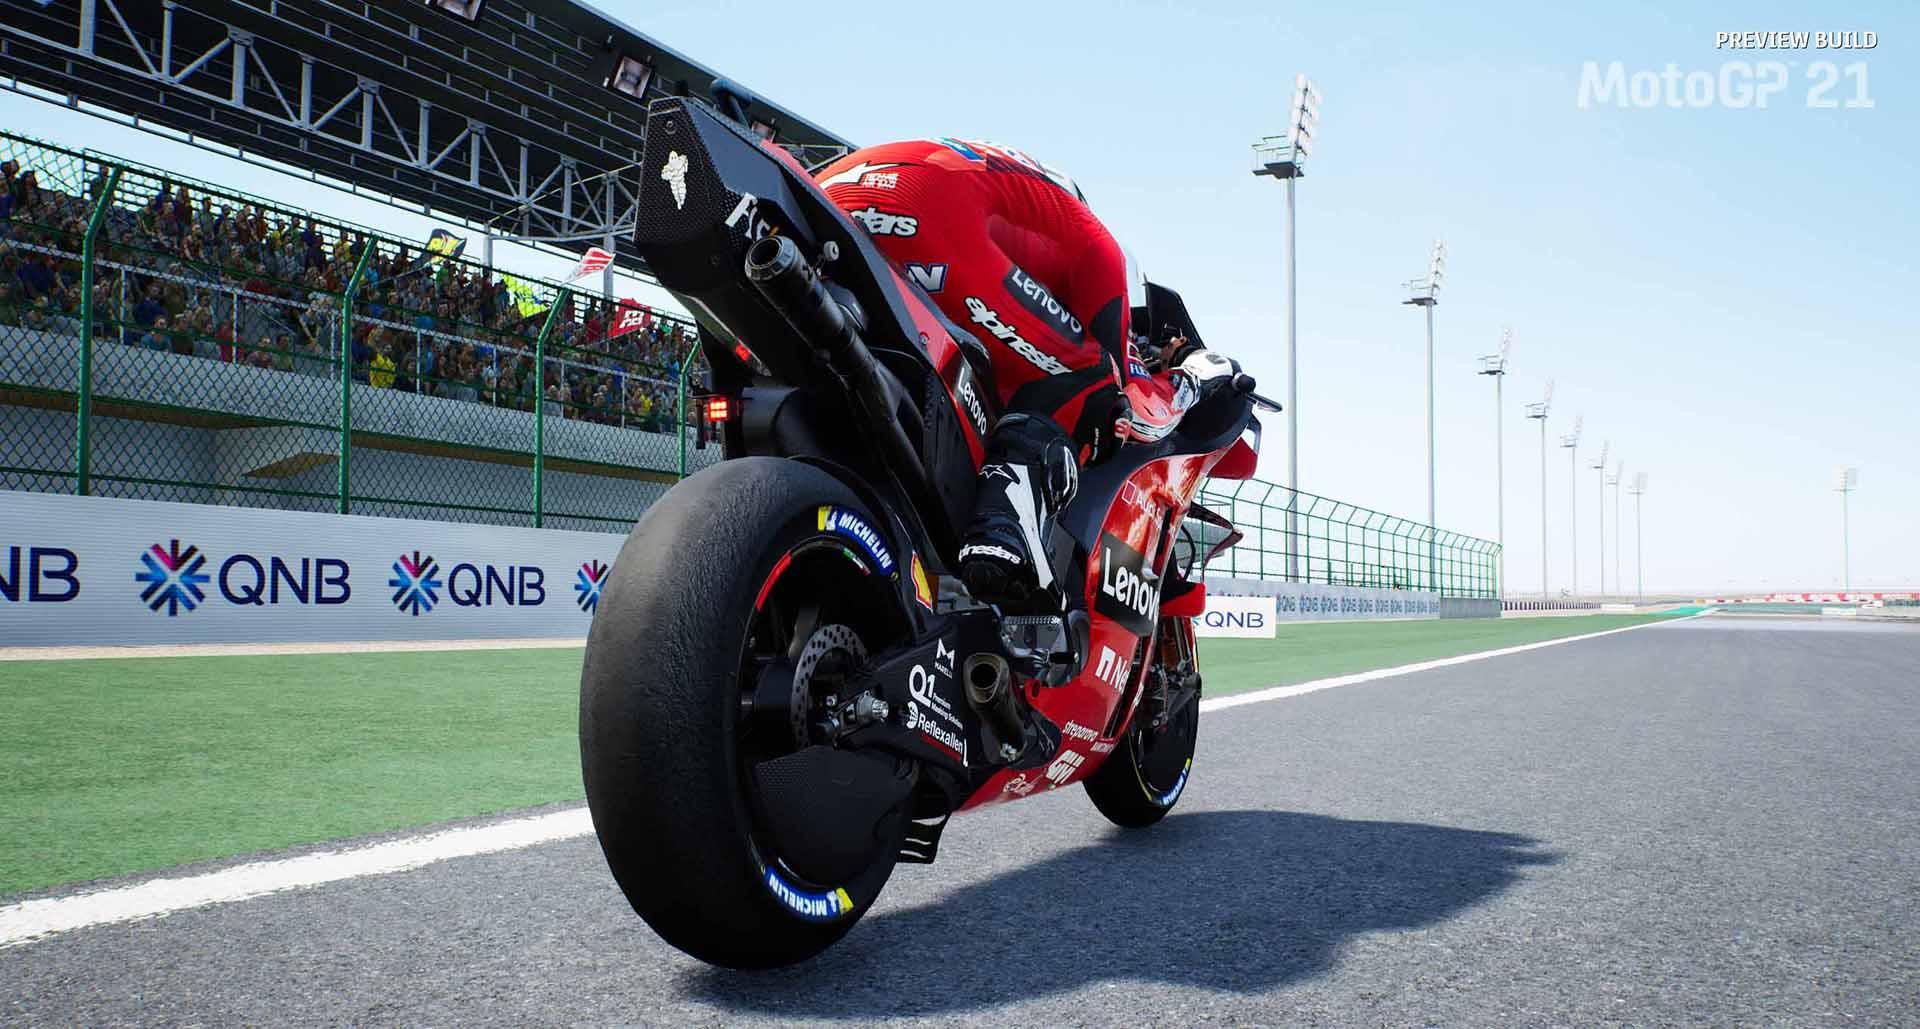 Avance de MotoGP 21 5